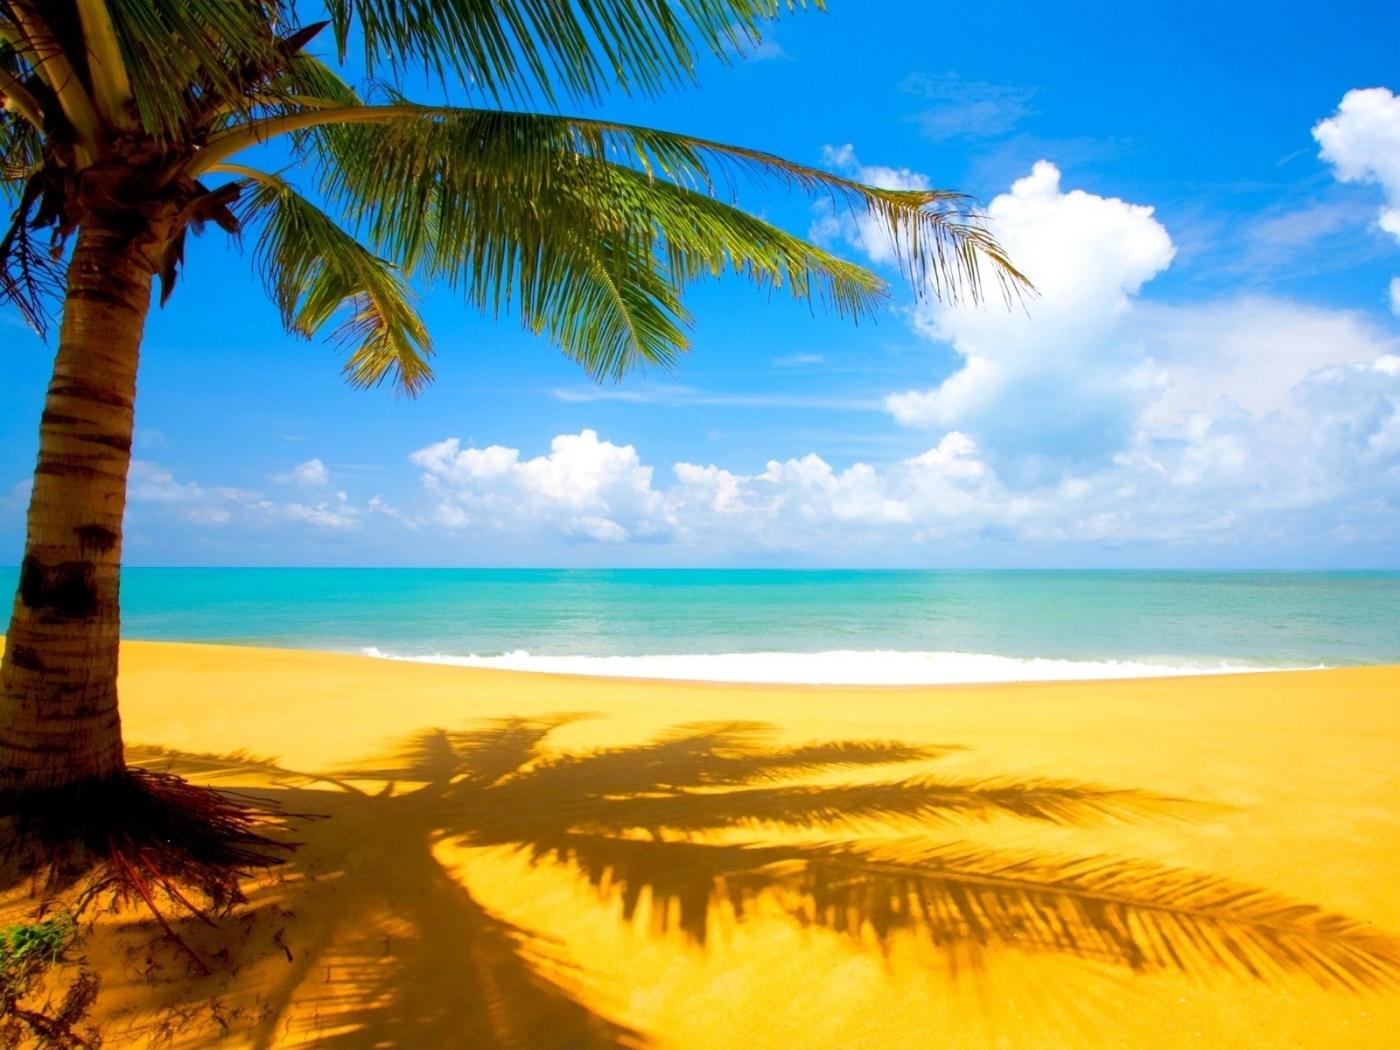 26423 скачать обои Пейзаж, Море, Облака, Пляж, Песок, Пальмы - заставки и картинки бесплатно